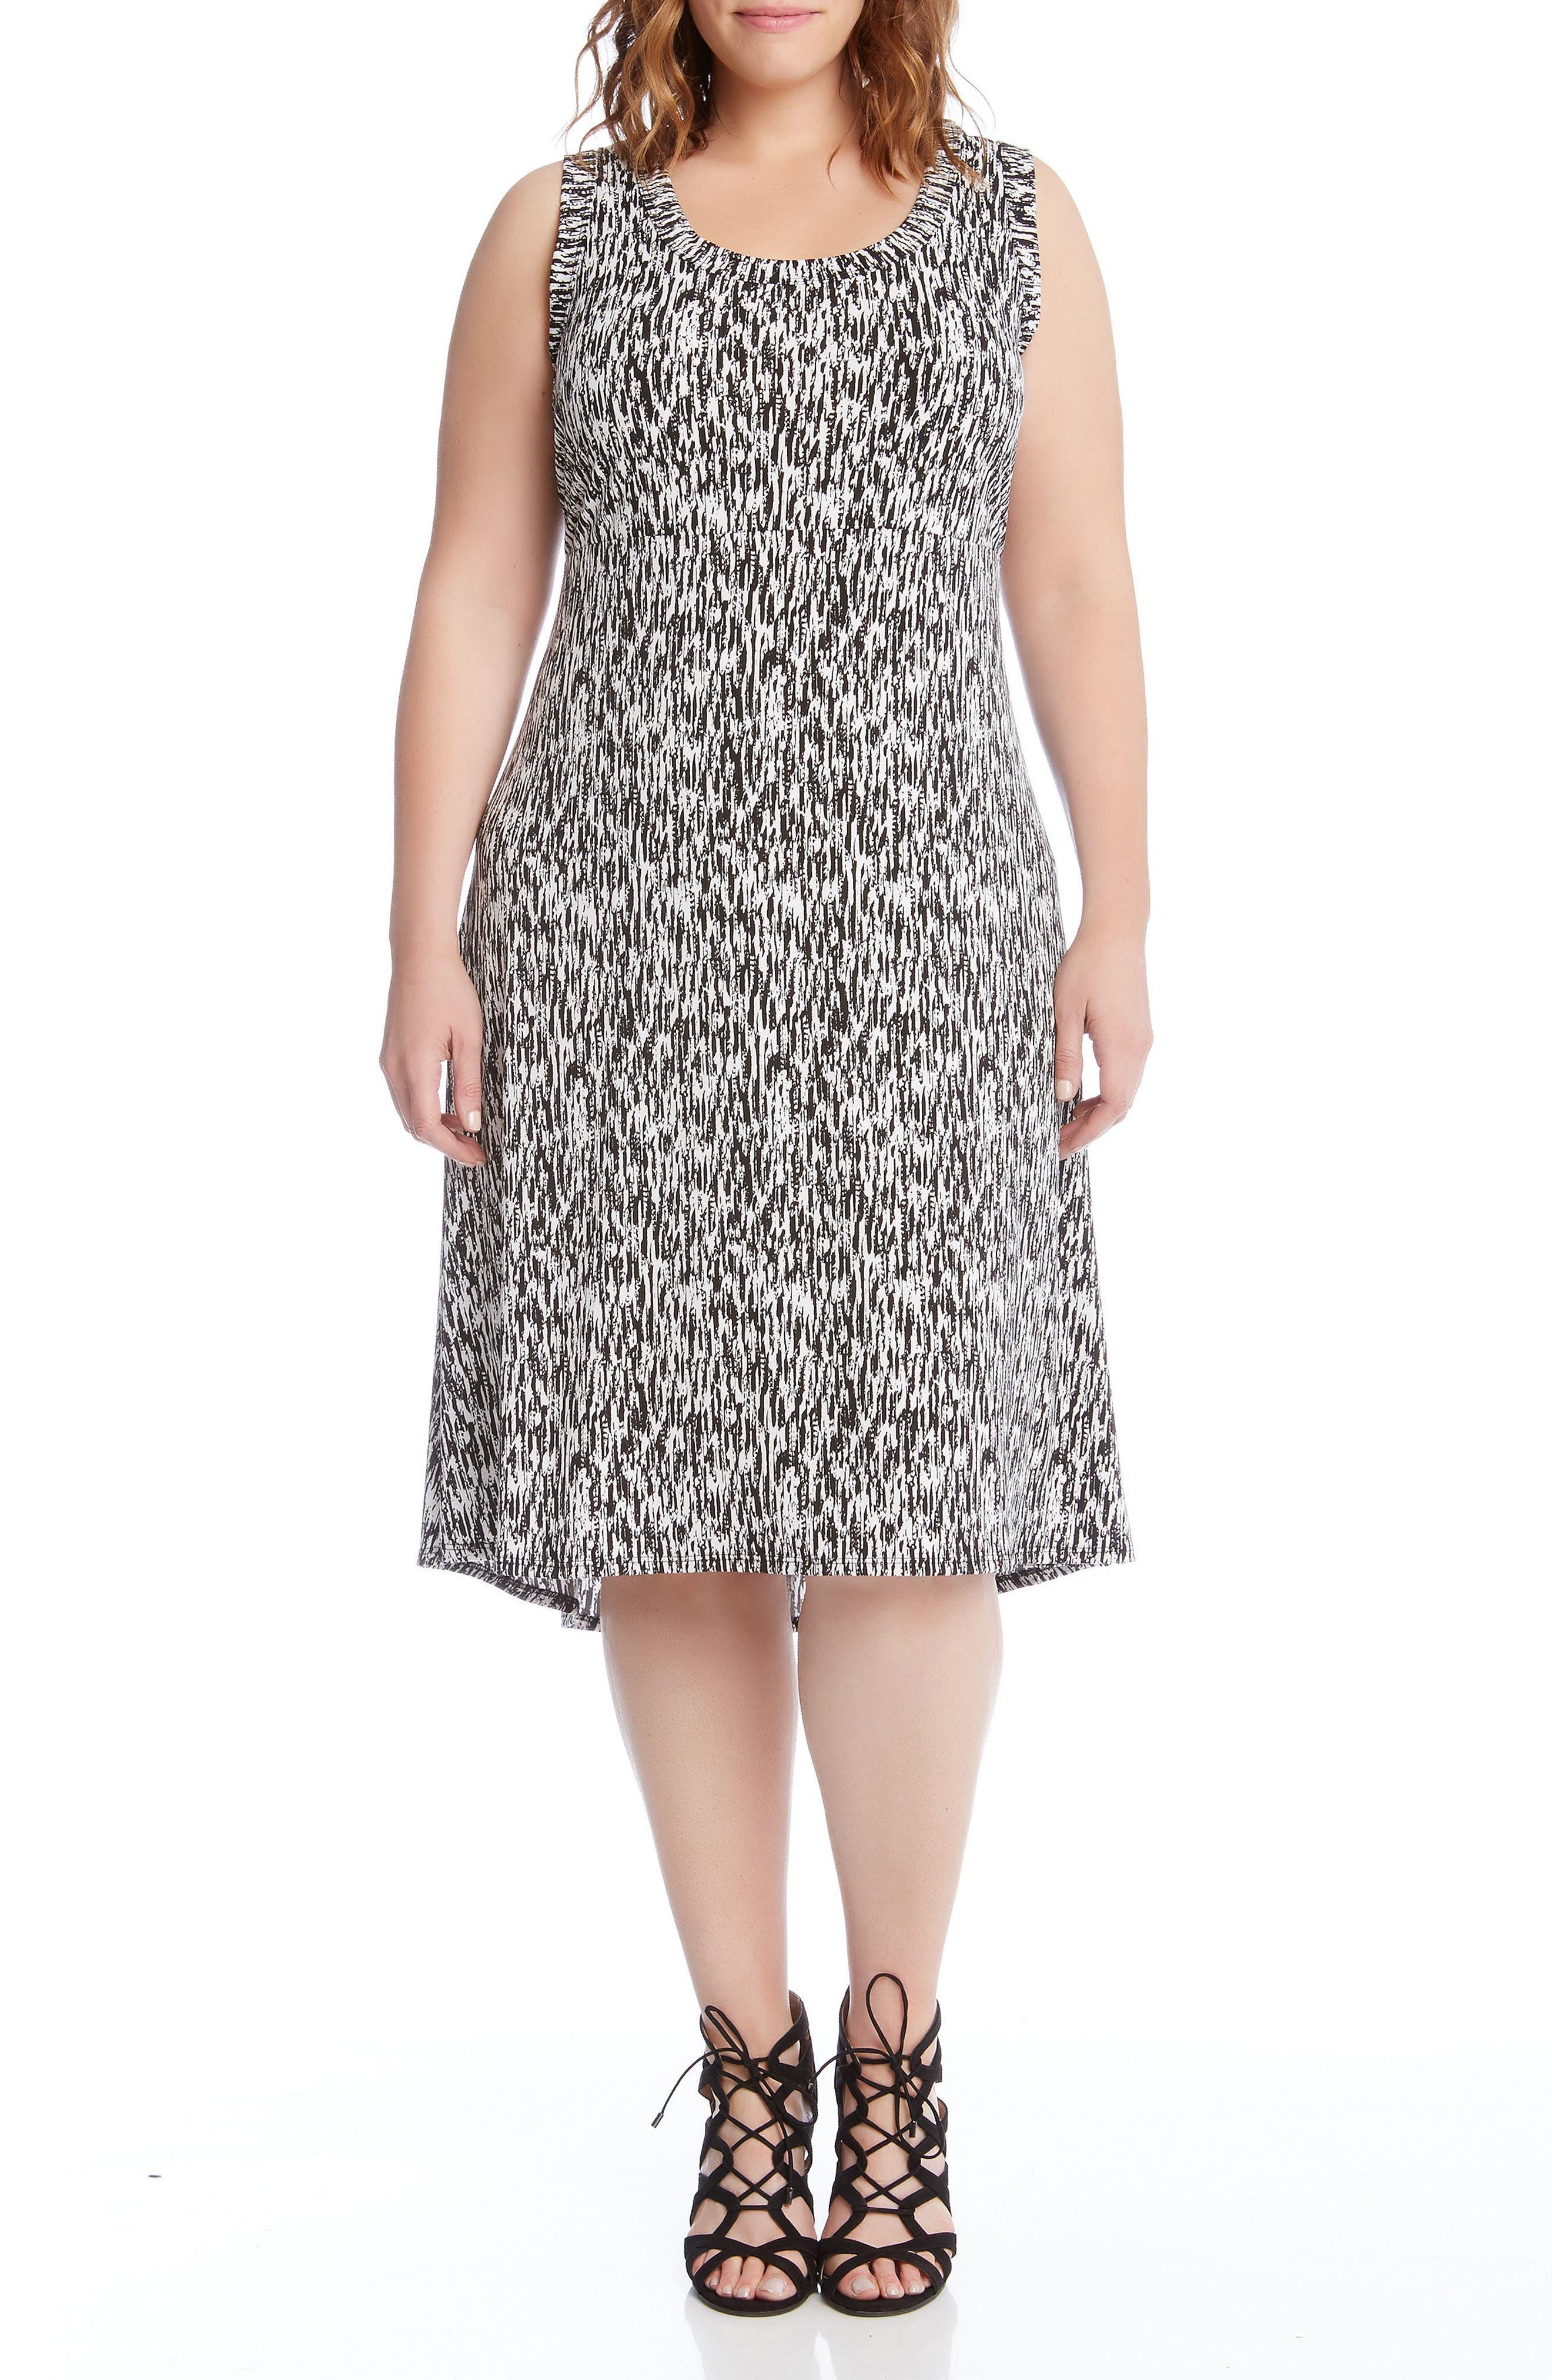 Alternate Image 1 Selected - Karen Kane Print High/Low Hem Dress (Plus Size)